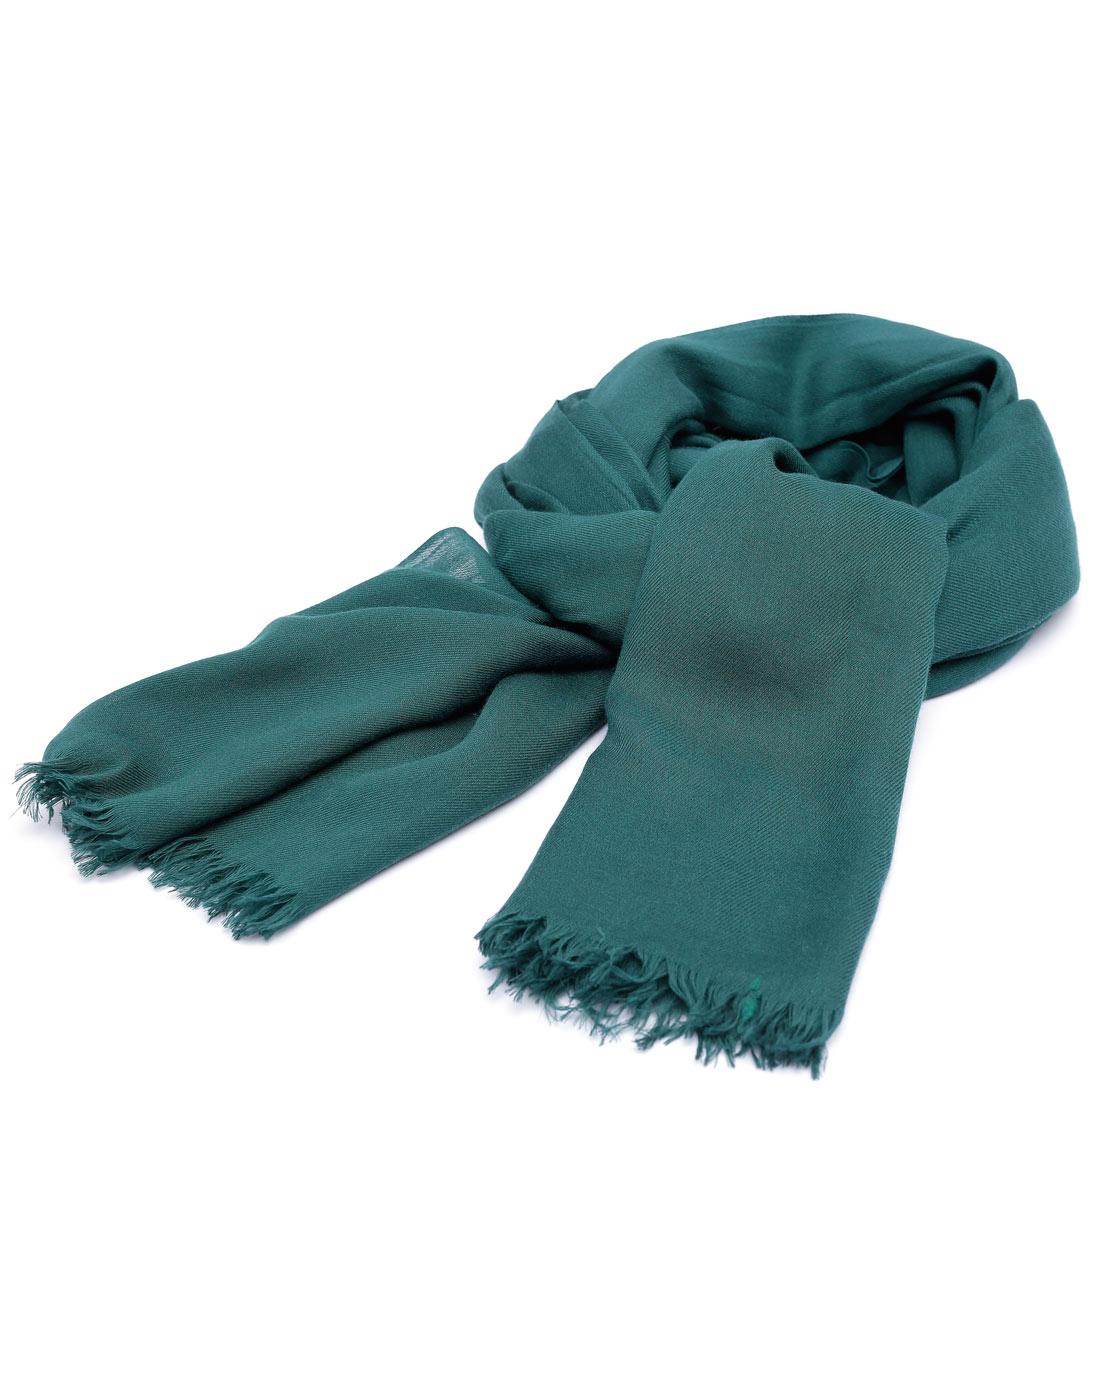 丽丽lily墨绿色围巾112310e92838